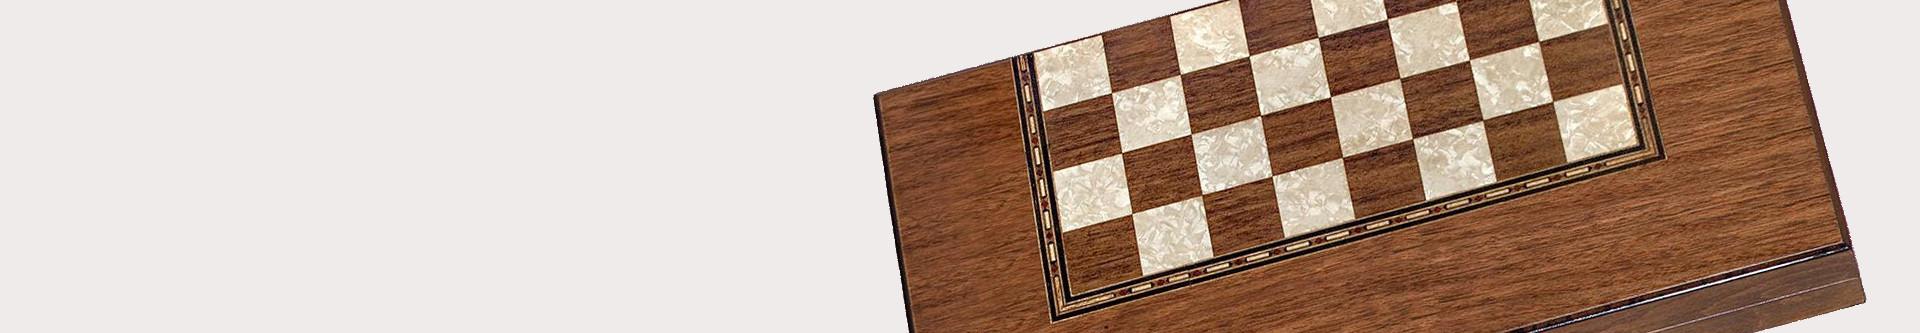 Шахматы-шашки-нарды 3 в 1 - купить в интернет-магазине настольных игр ручной работы ❤